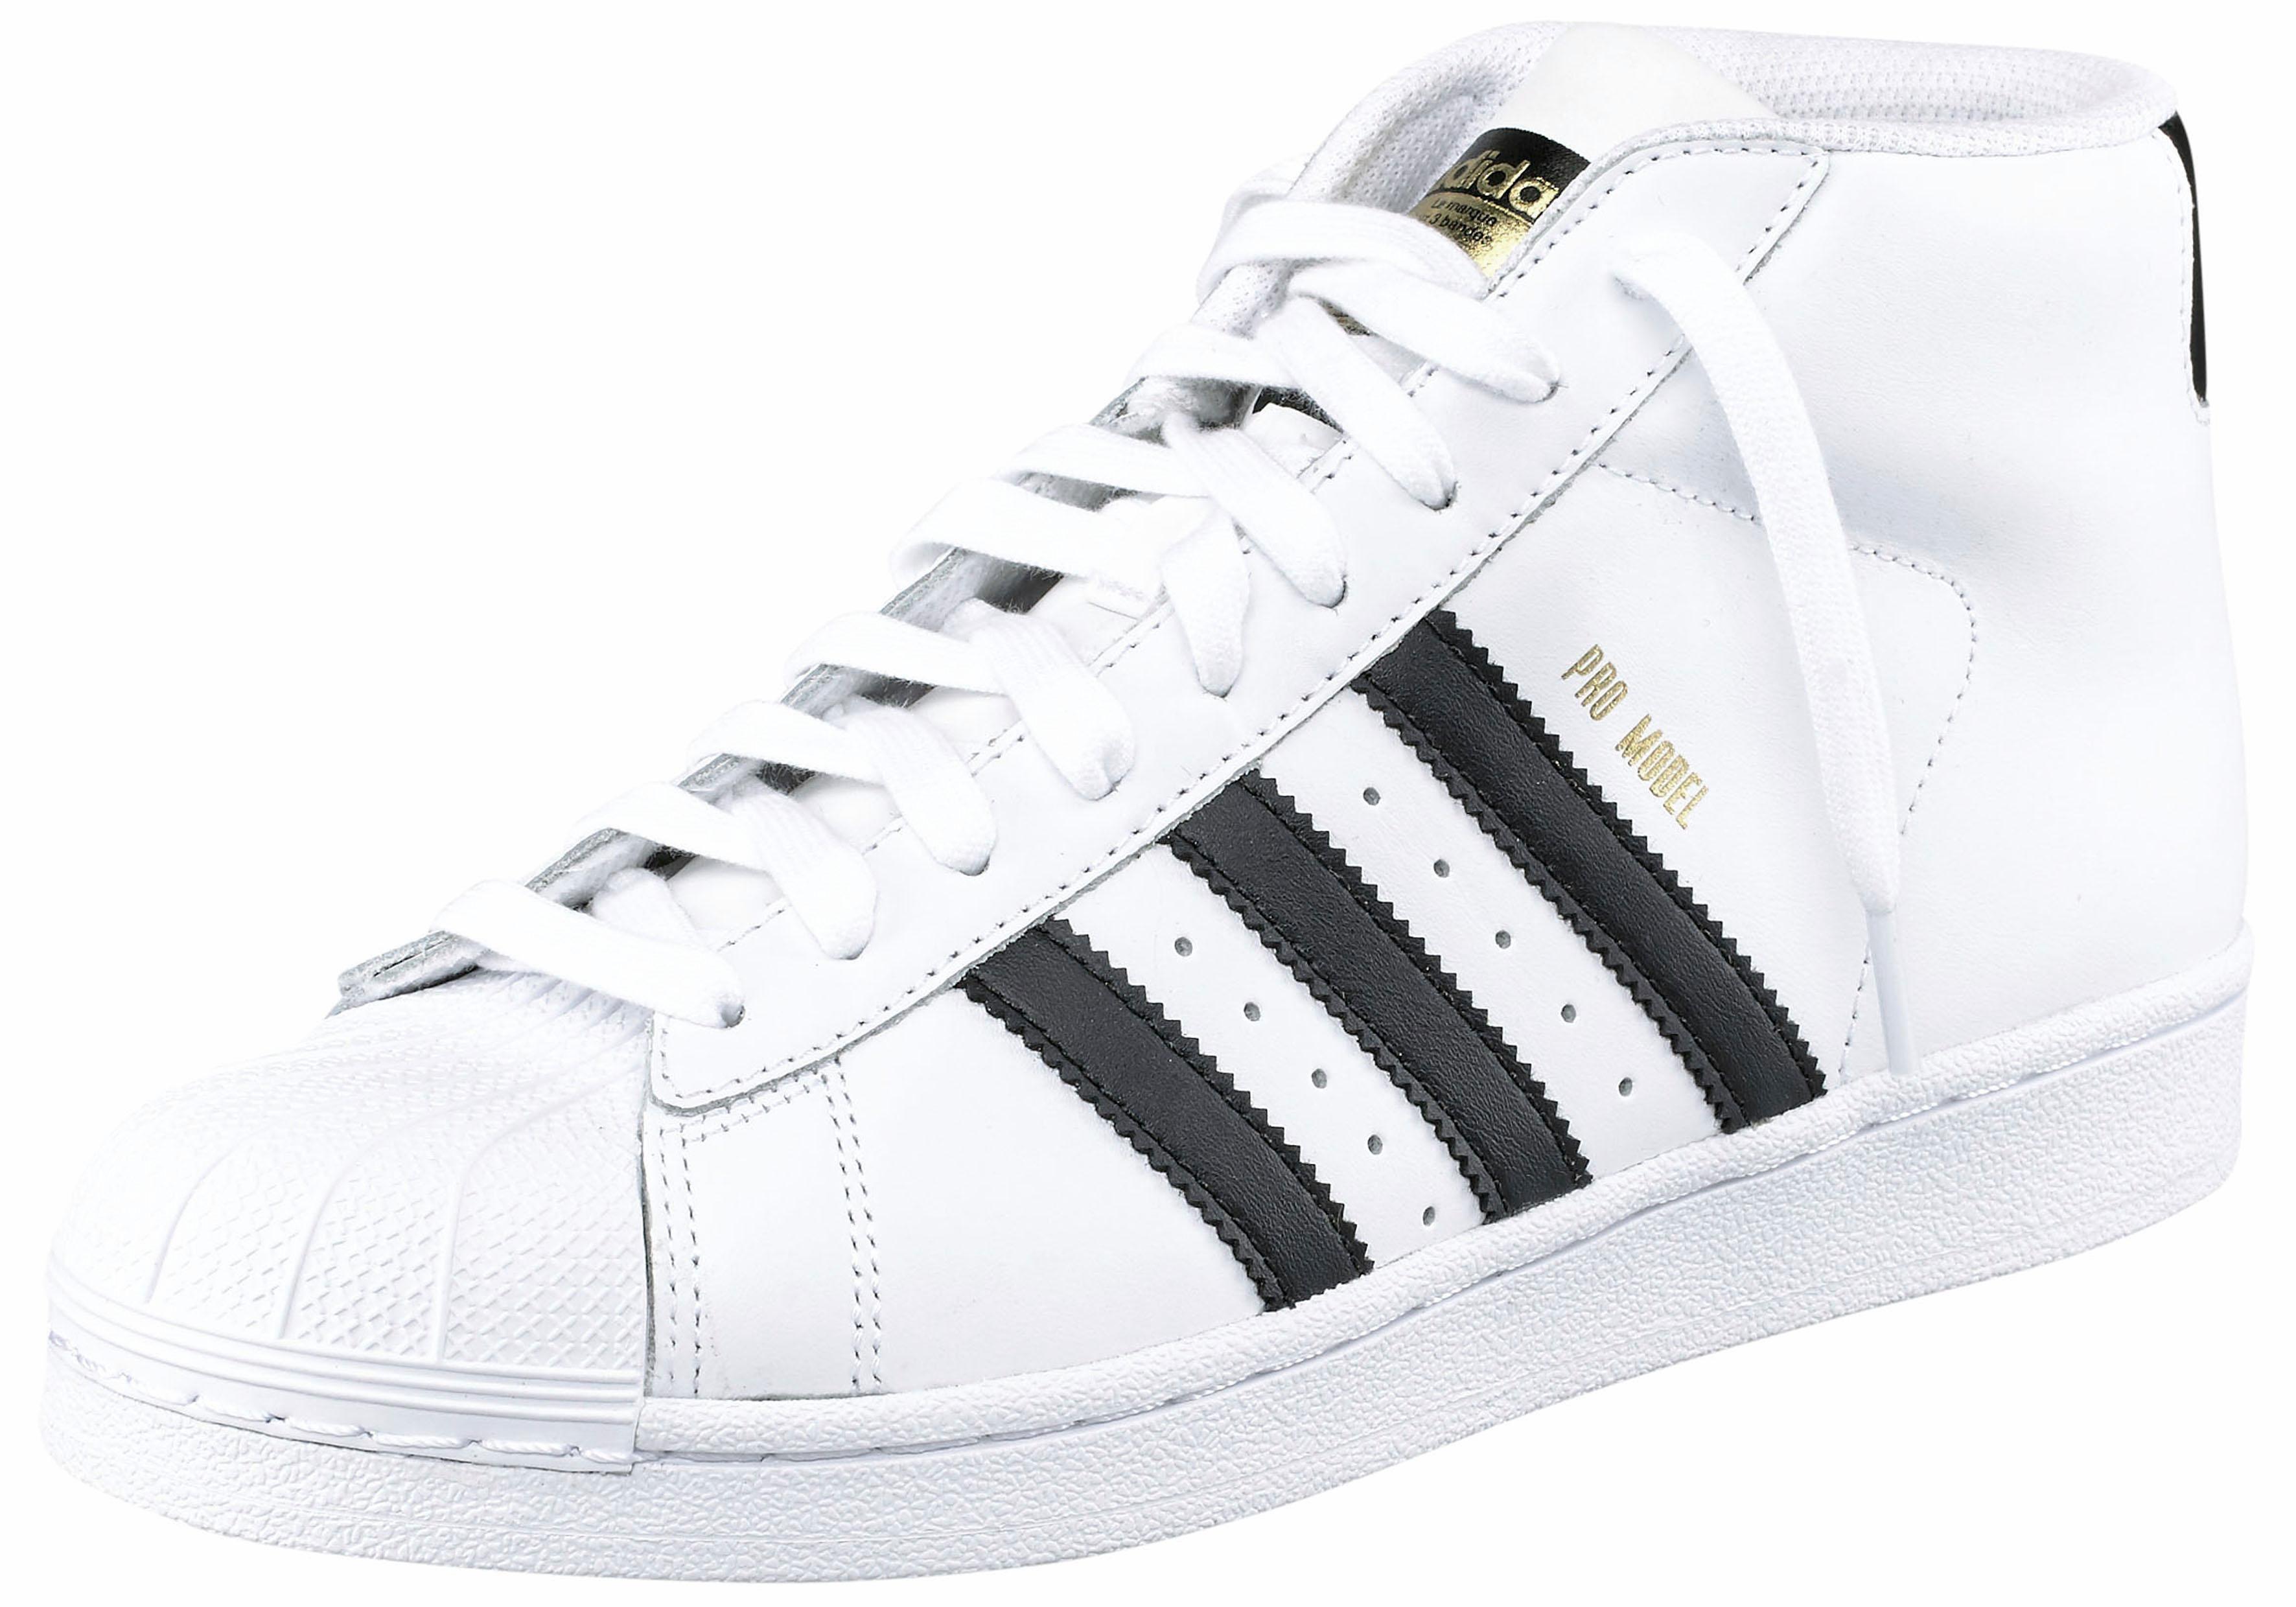 Modèle Pro Hautes Chaussures Pour Hommes Adidas yxODz2W